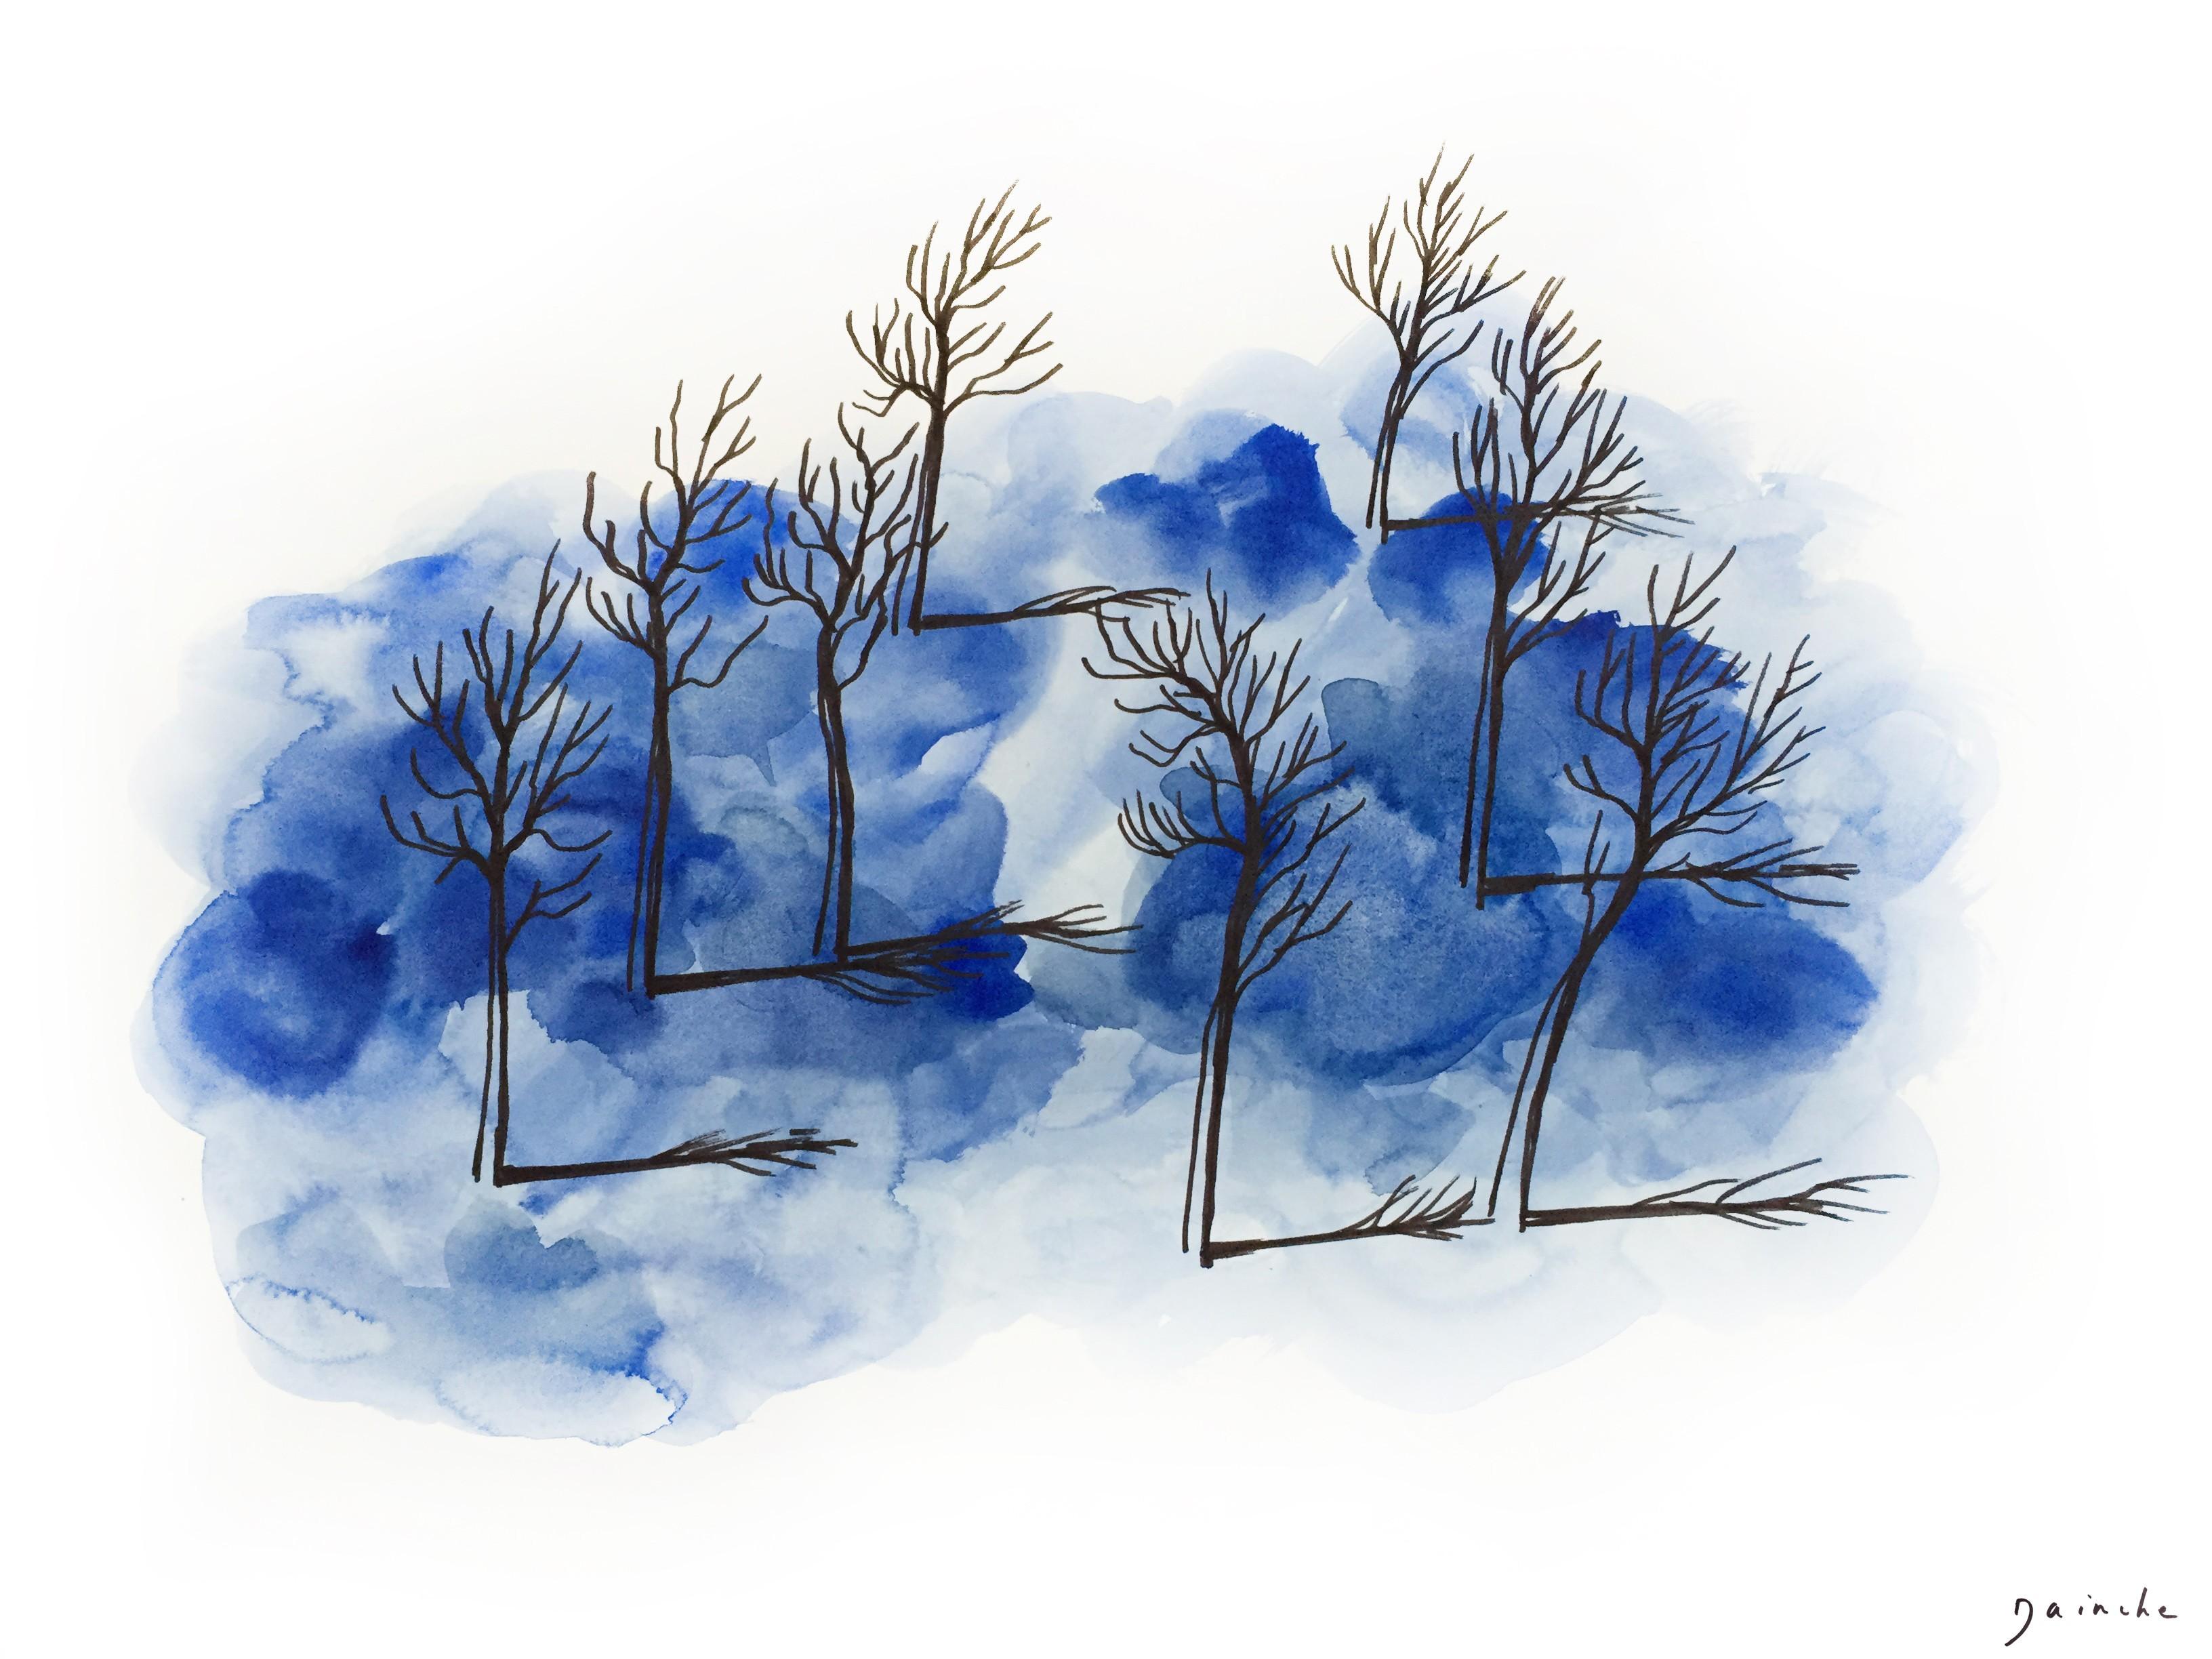 Matin bleu - Dainche - KAZoART